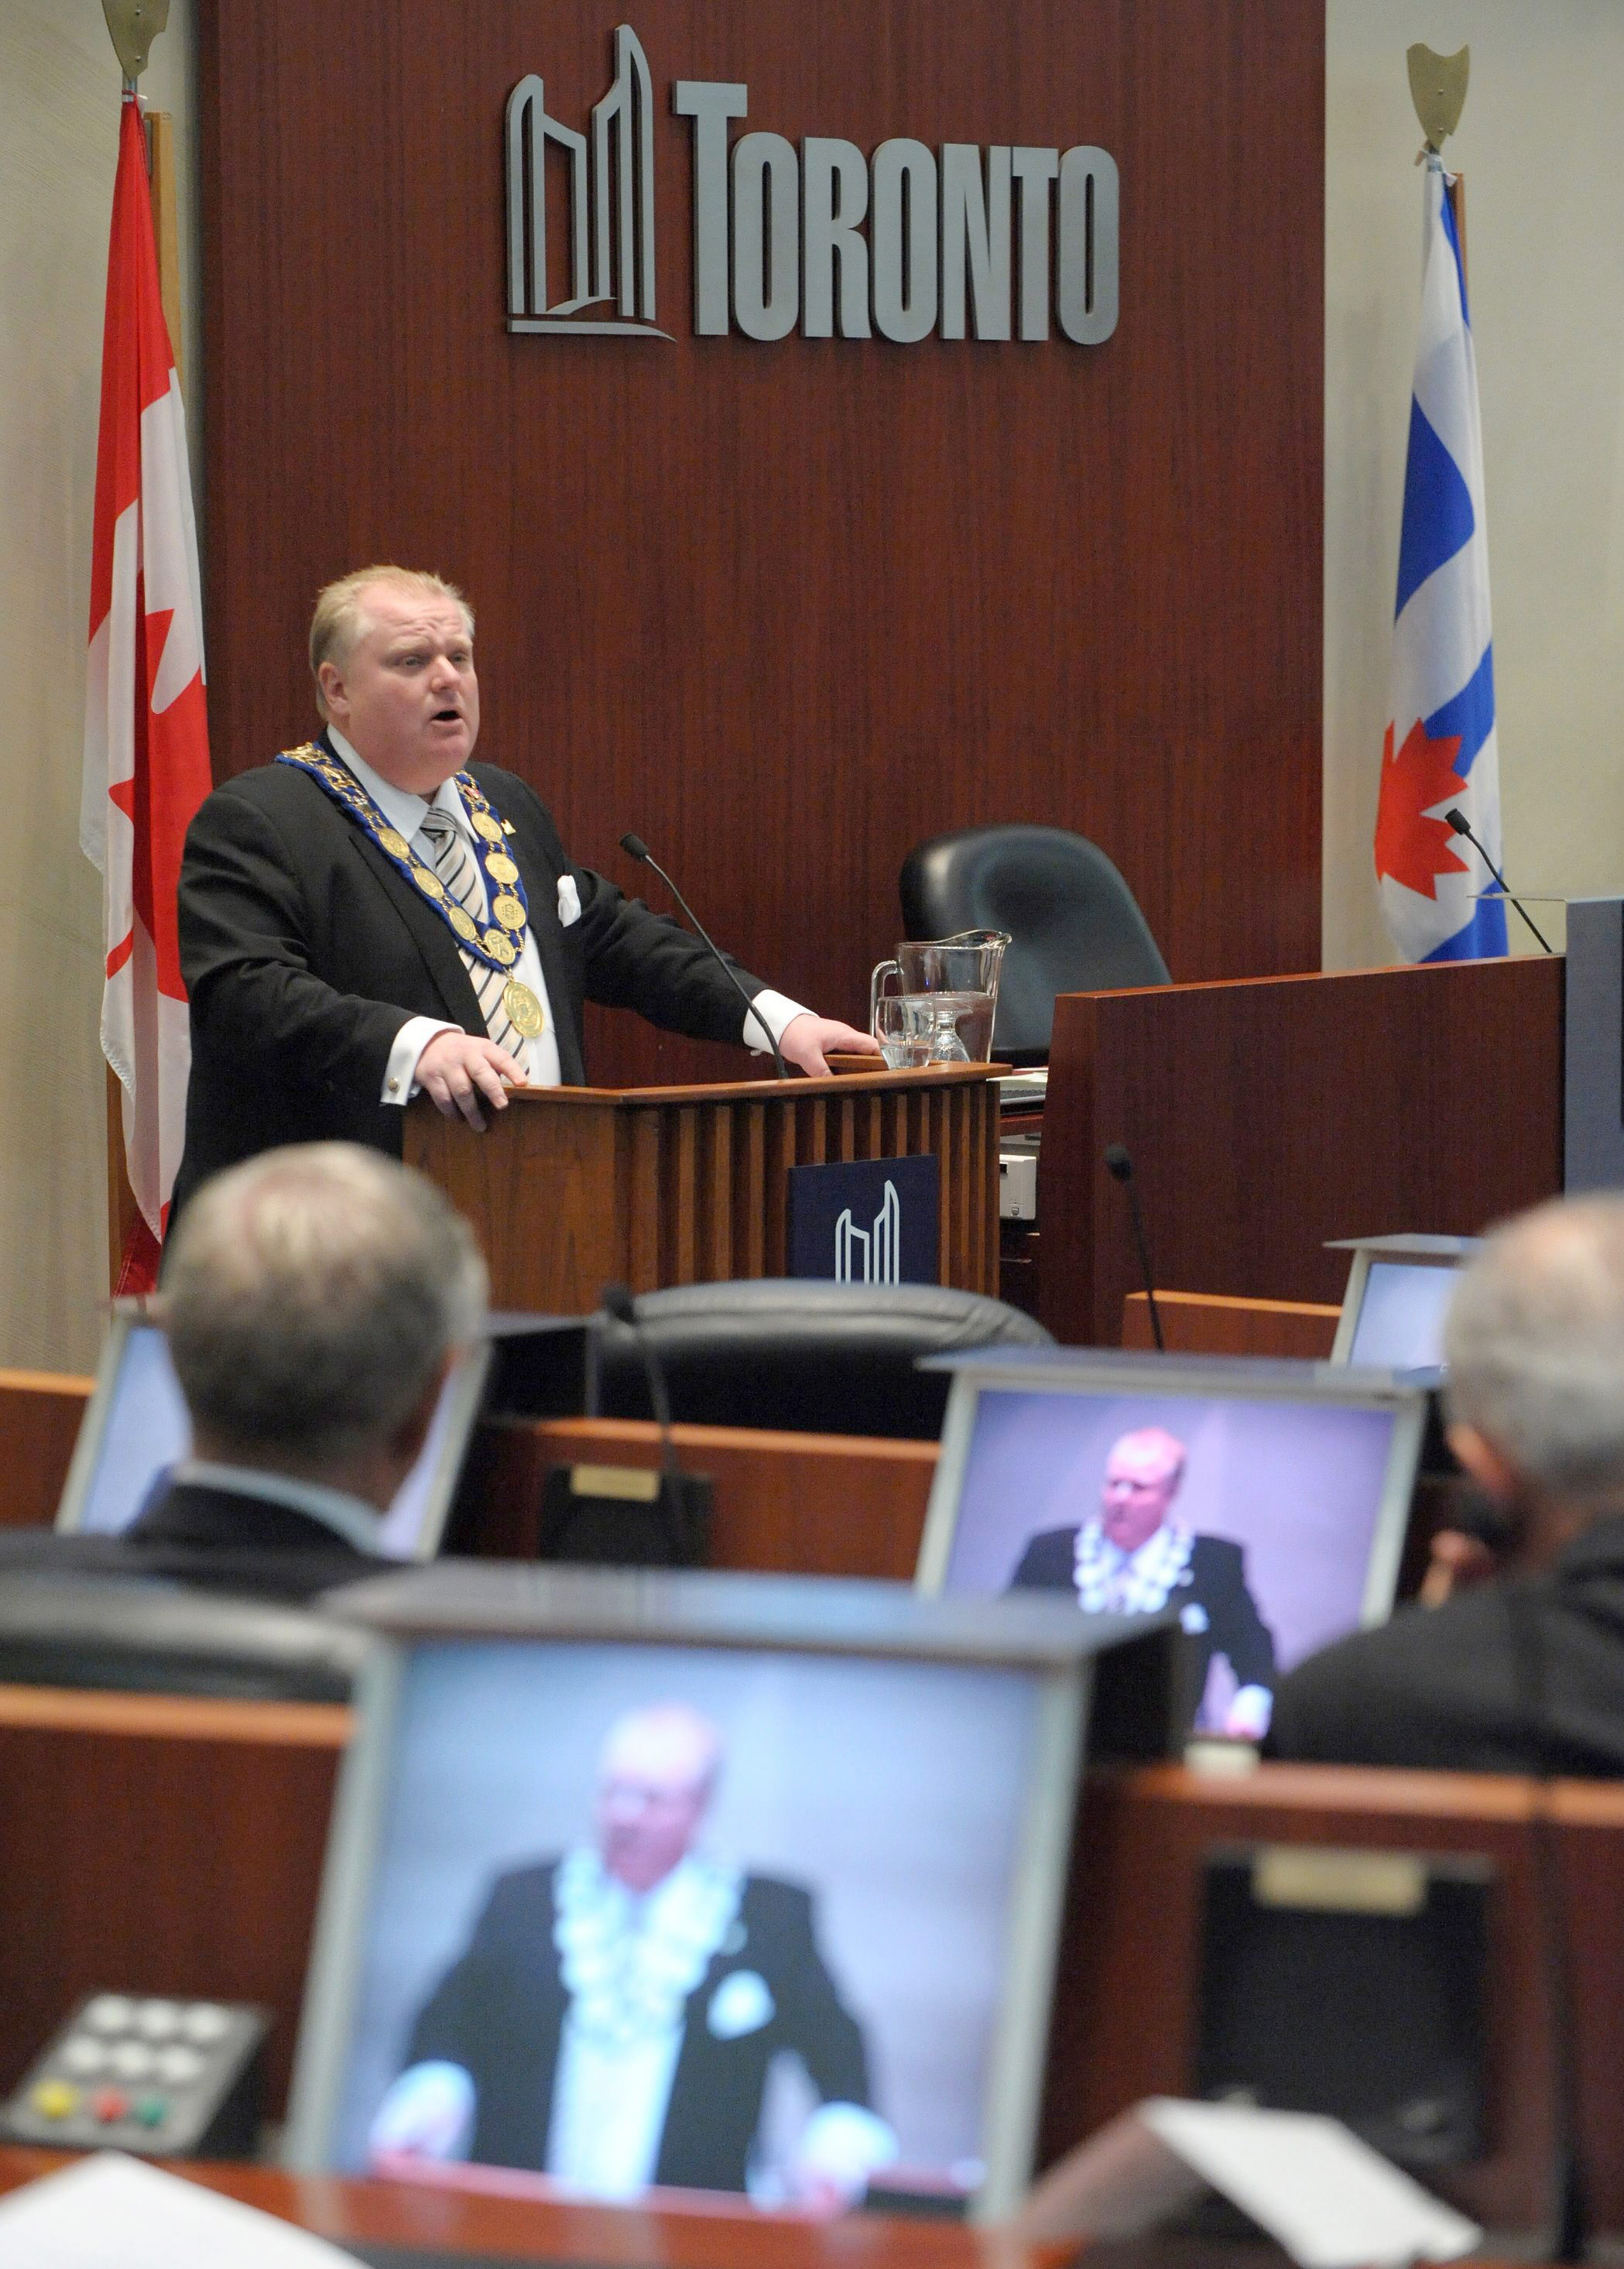 El alcalde de Toronto, cazado en un vídeo fumando crack